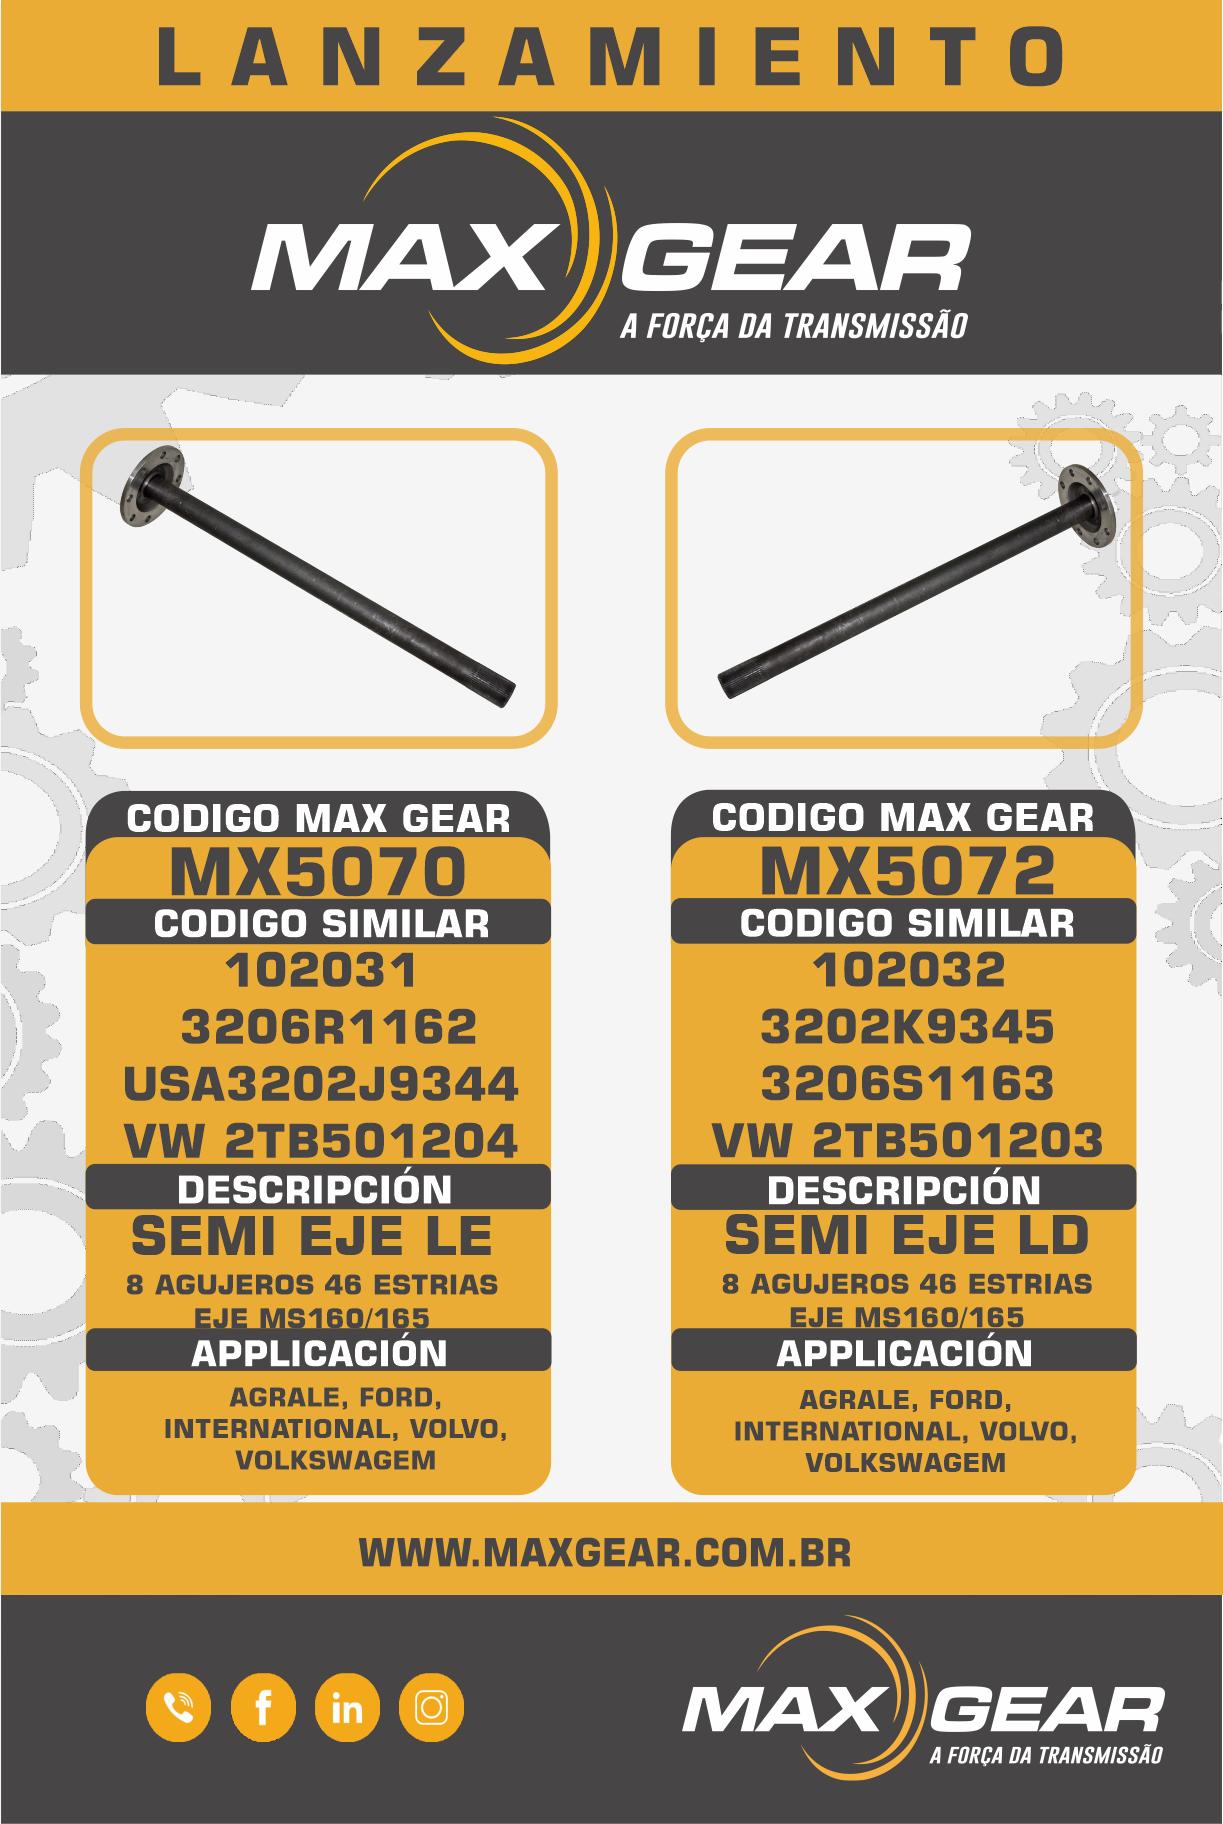 MX5070 & MX5072